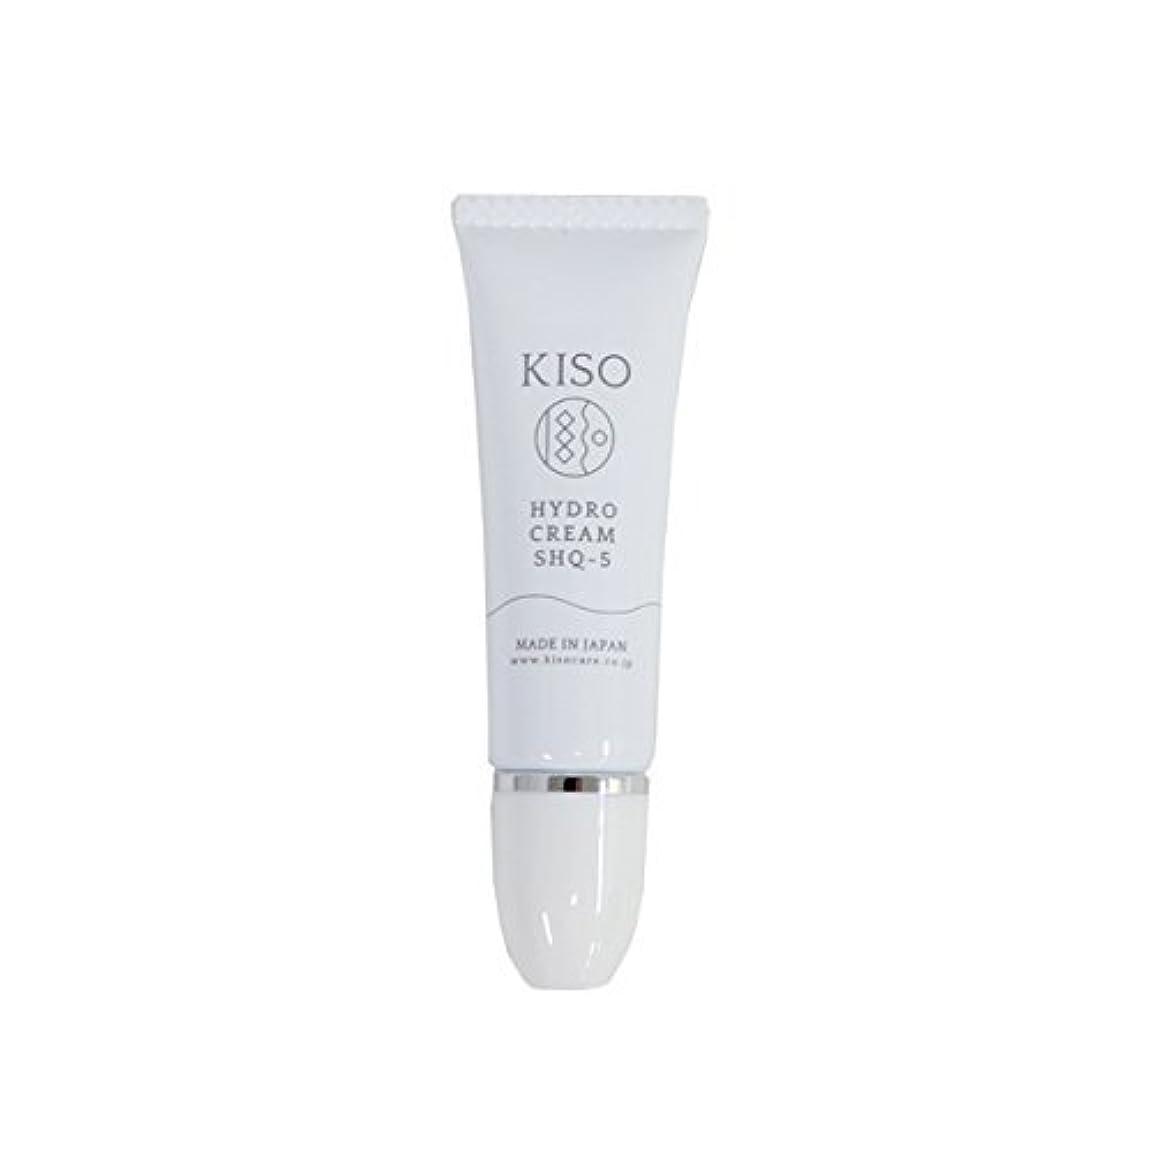 カウントアップ無条件スイス人KISO 安定型 ハイドロキノン 5%配合【ハイドロ クリーム SHQ-5 10g】スキンケアで肌を整えた後にちょこっとケア 日本製